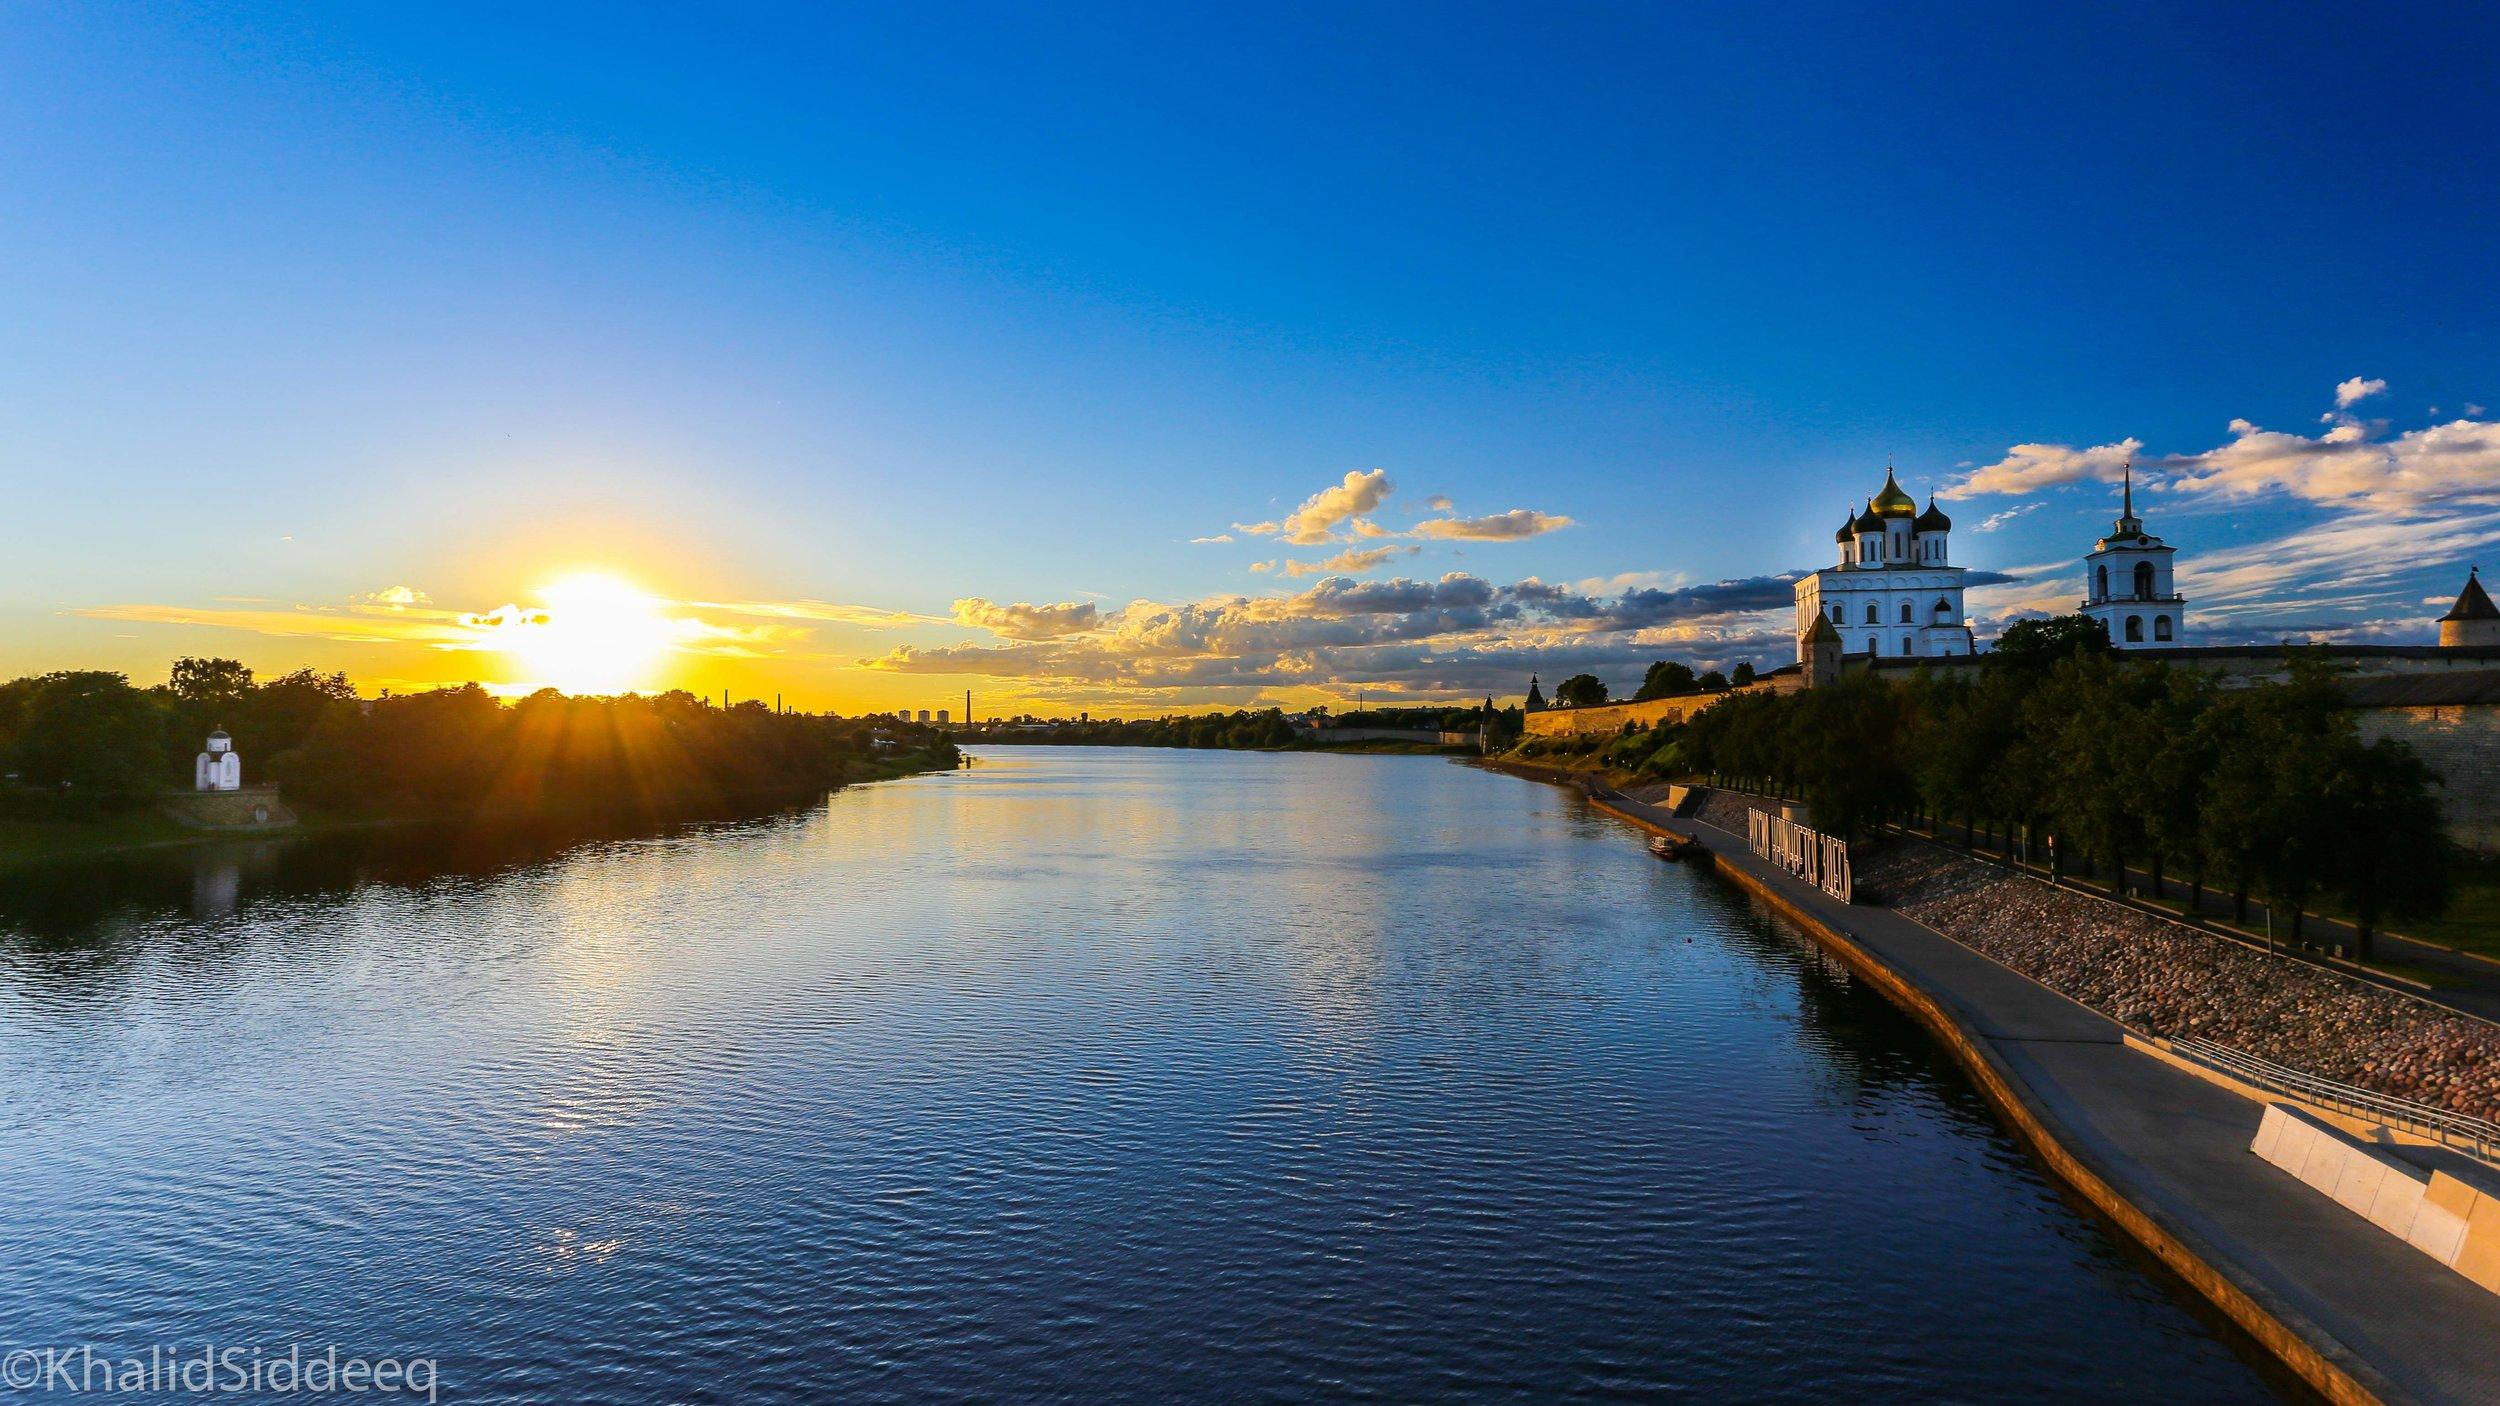 نهر فيليكايا، بسكوف، روسيا